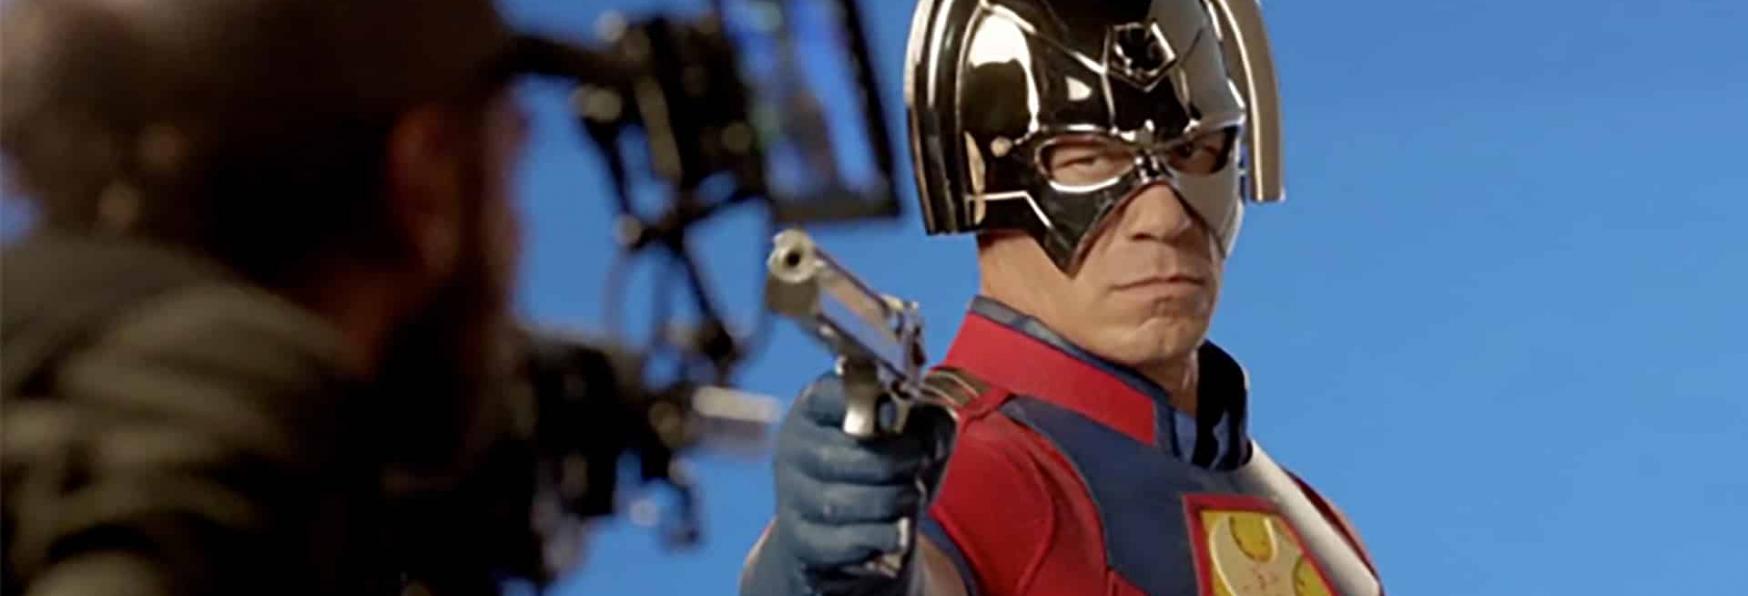 Peacemaker: una Piccola Anteprima della nuova Serie TV Spin-off di The Suicide Squad